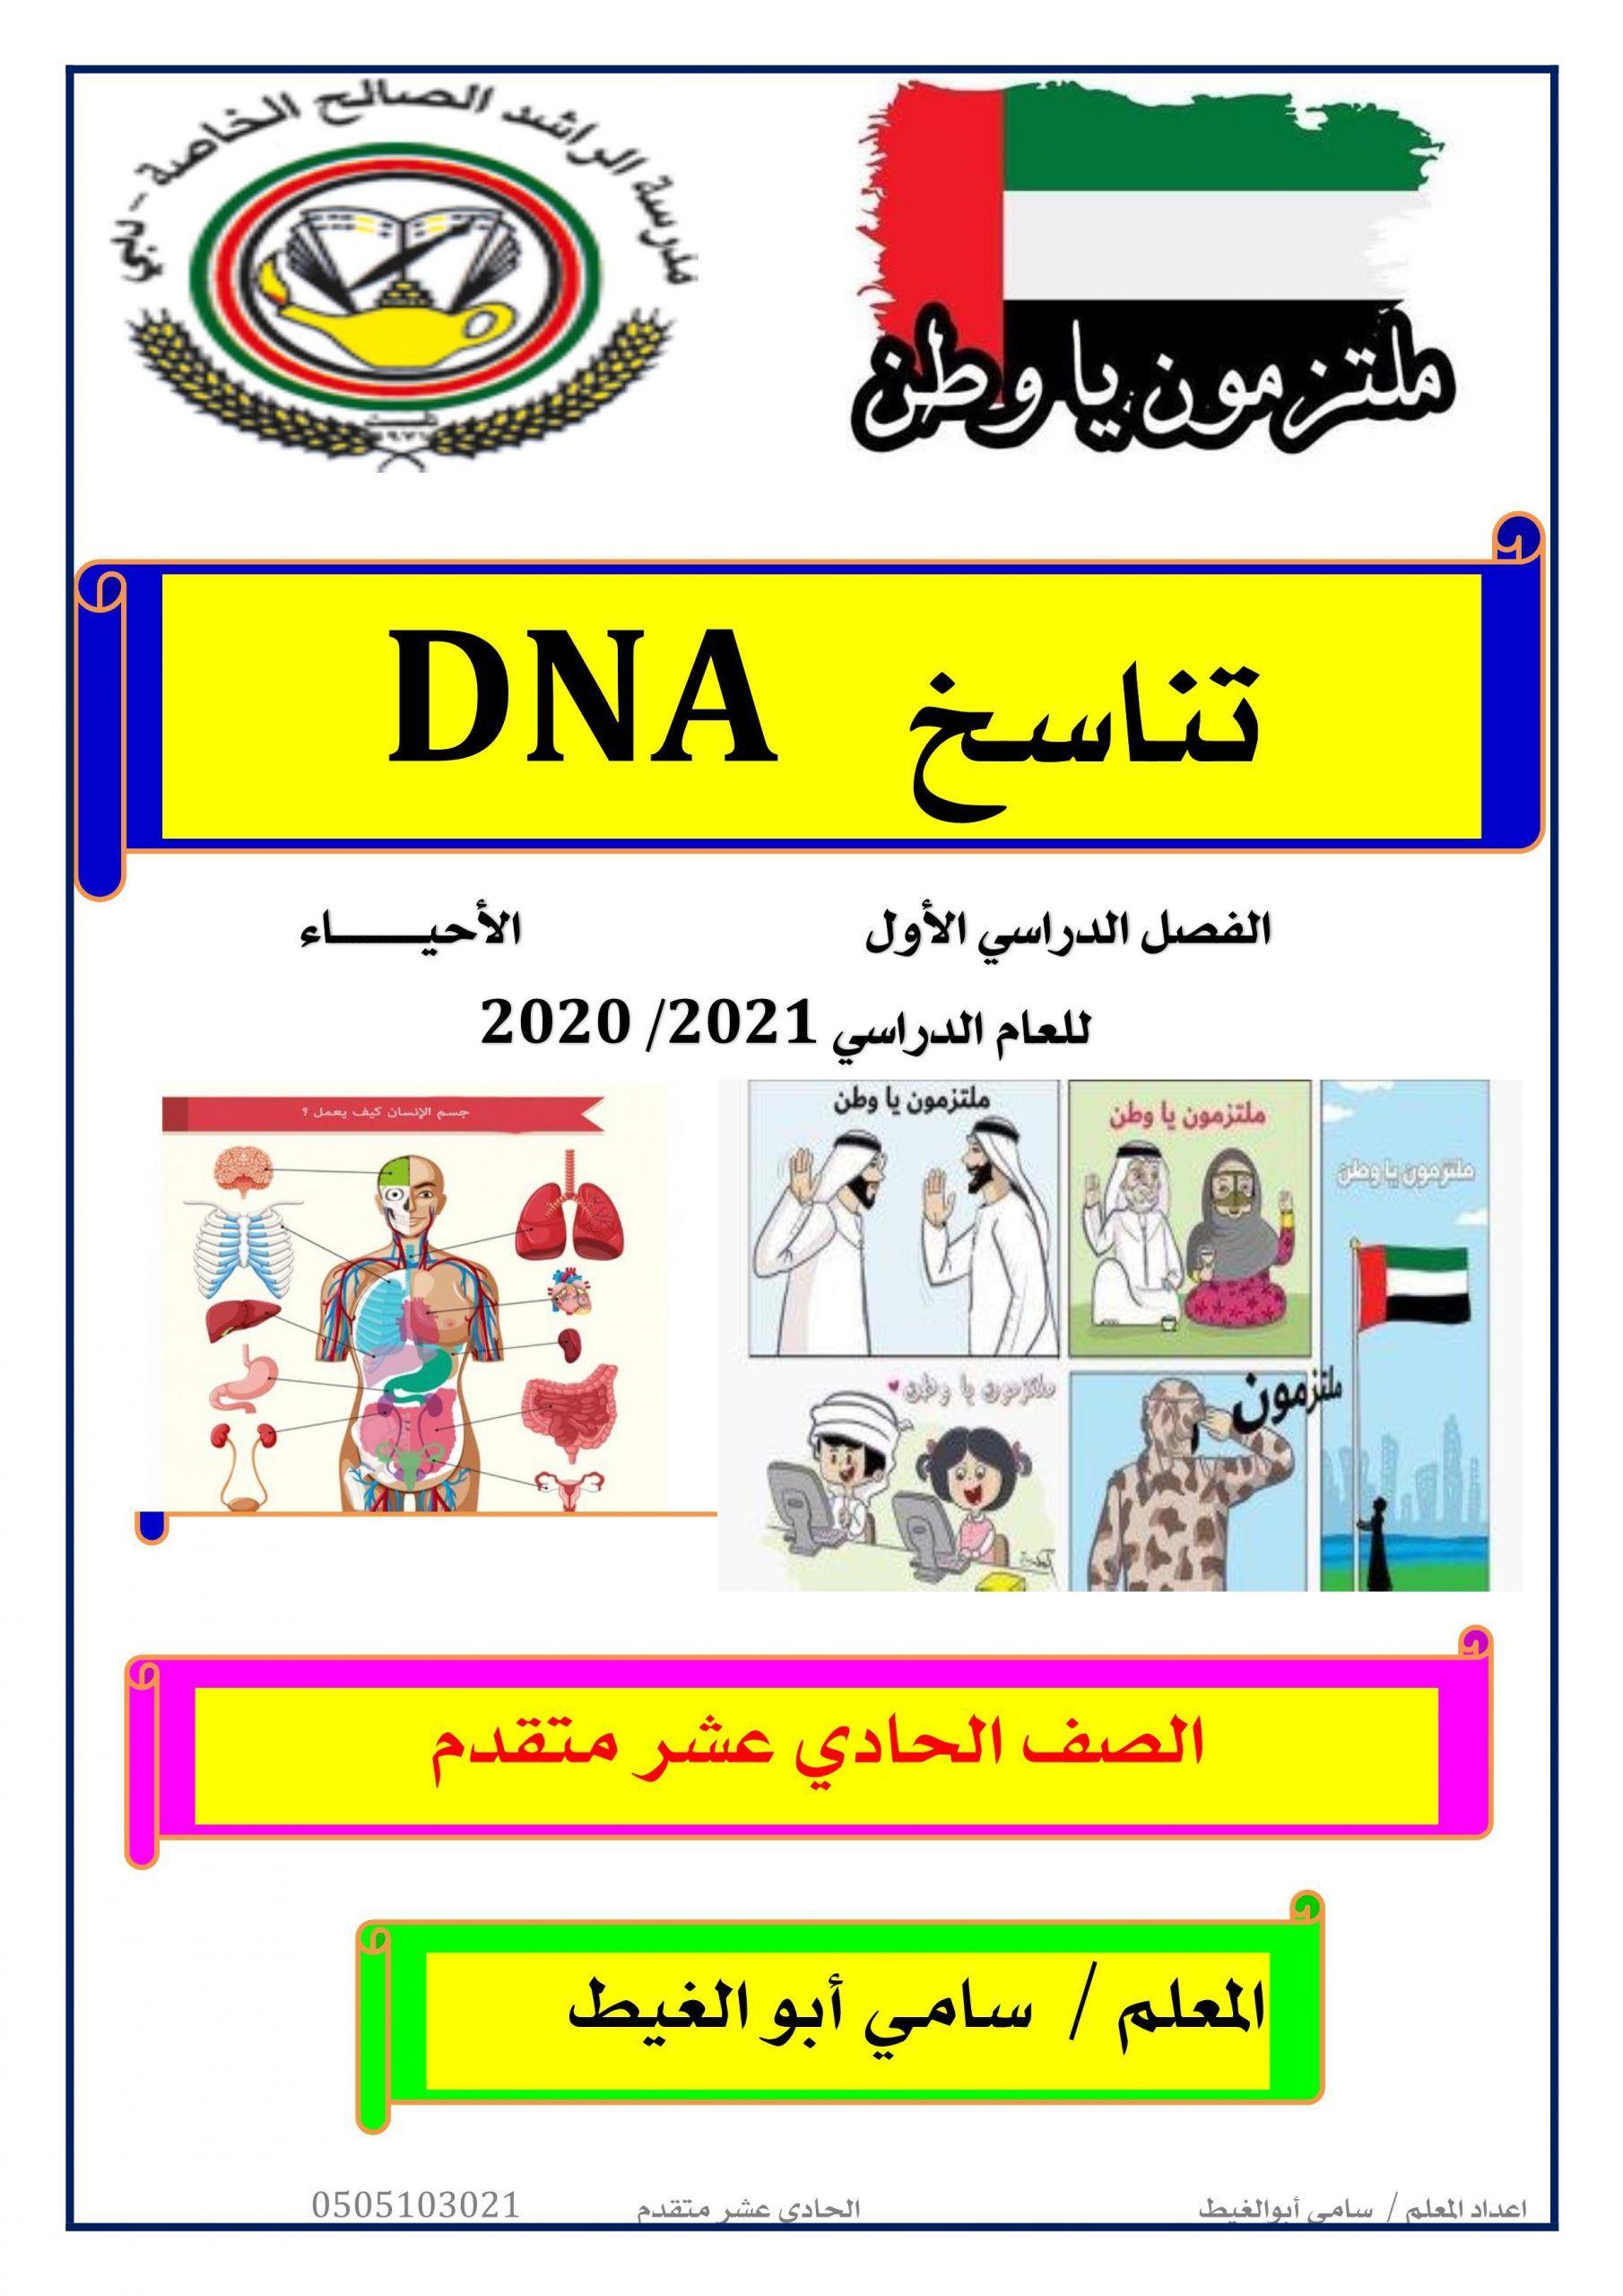 ملخص شامل تناسخ Dna الصف الحادي عشر متقدم مادة الاحياء In 2020 Dna Convenience Store Products Convenience Store